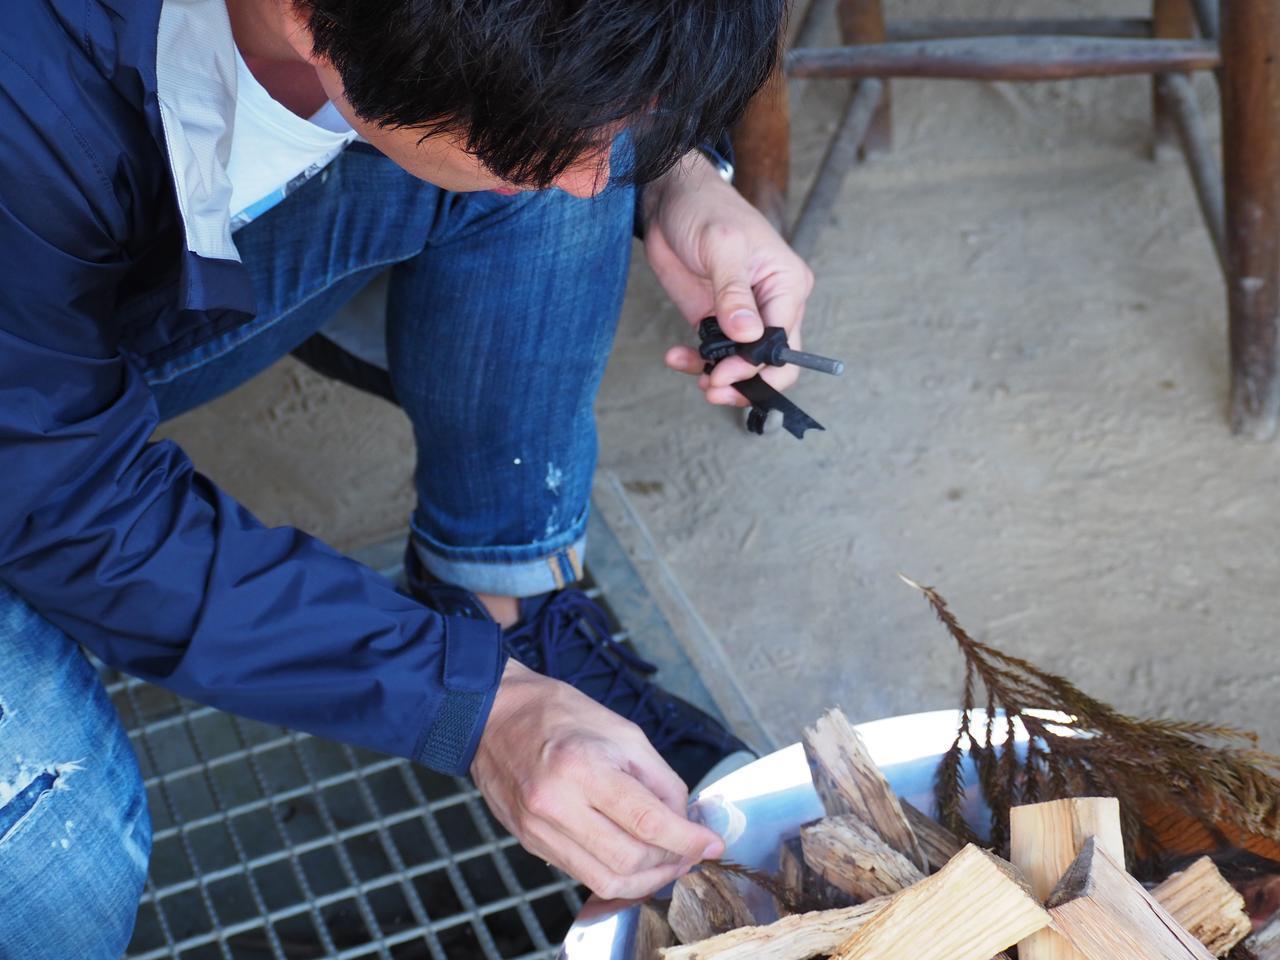 画像3: ピザ作りとダッチオーブンで秋の食欲全開 Farming Event Report【2018.10.28】